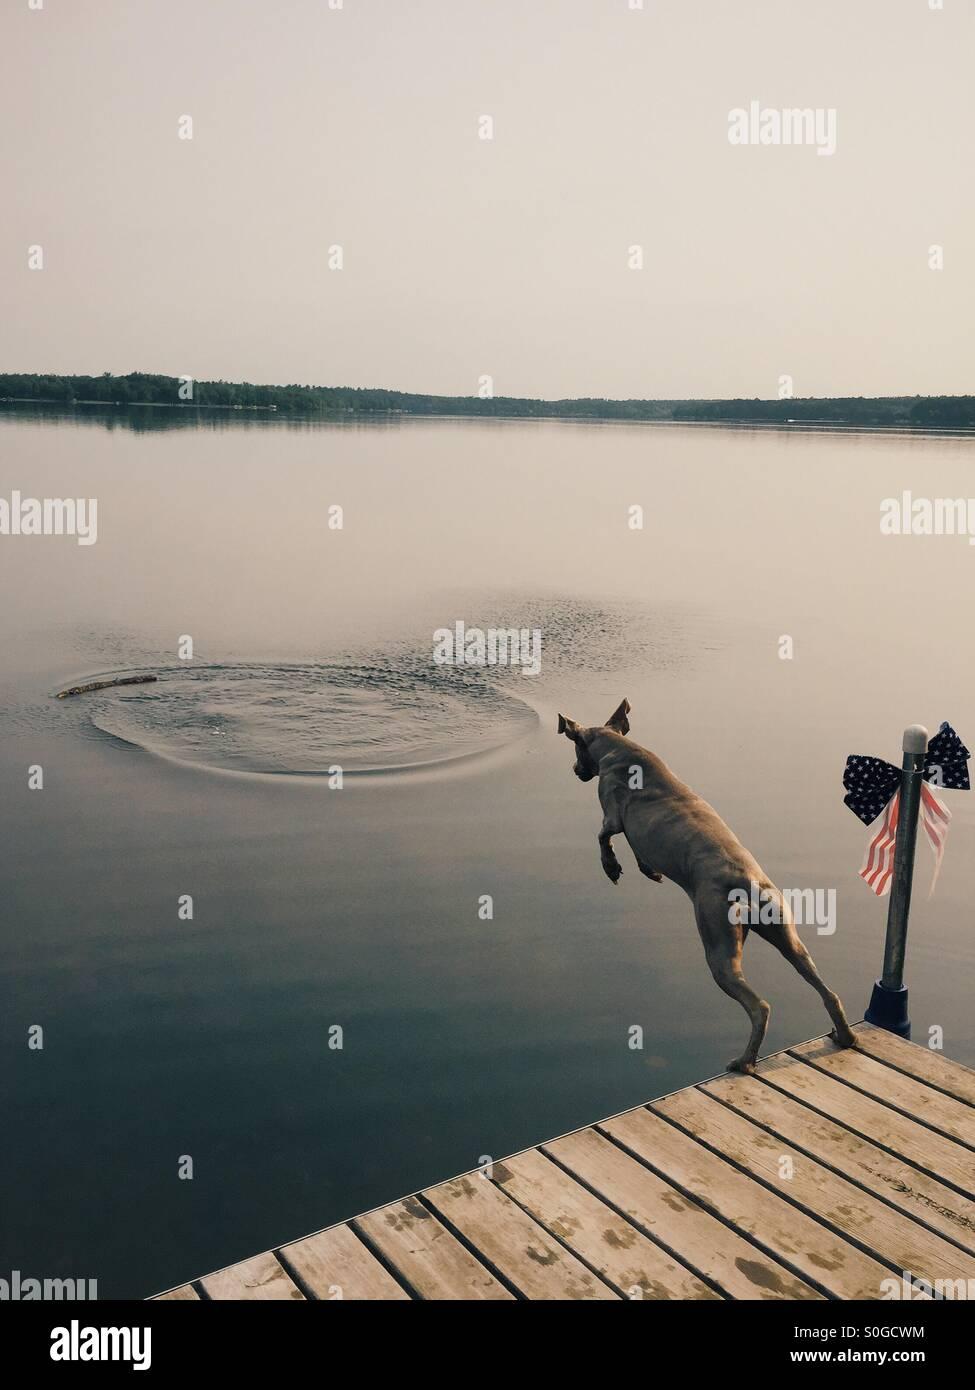 Cane il salto nel lago per recuperare un bastone Immagini Stock